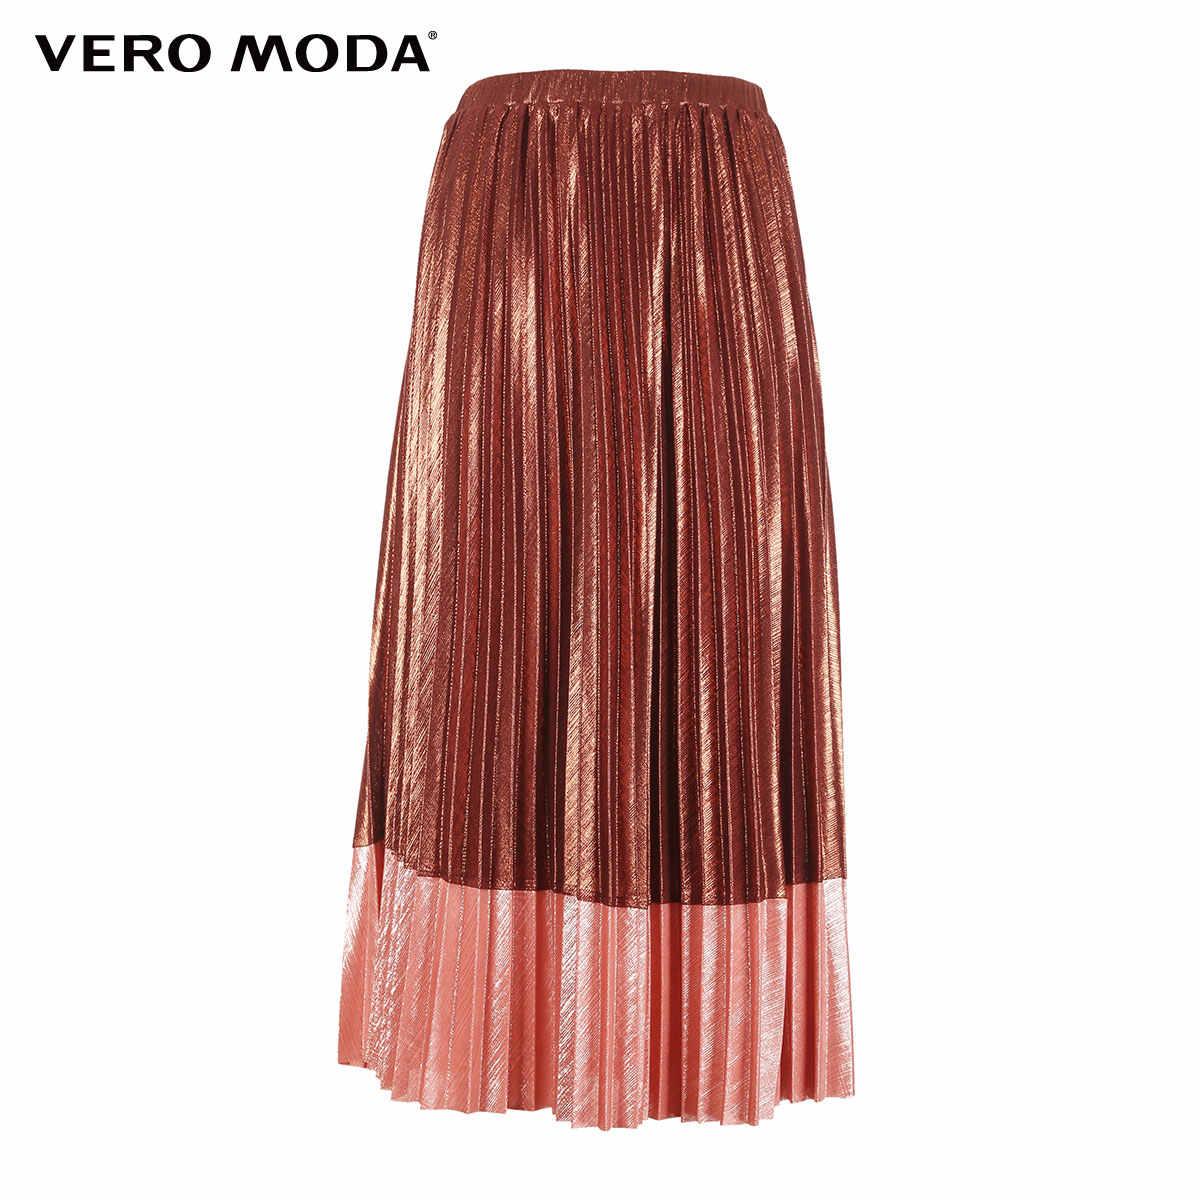 Vero Moda 2019 nowości metalowa tkanina kontrastowa plisowana spódnica | 318416507